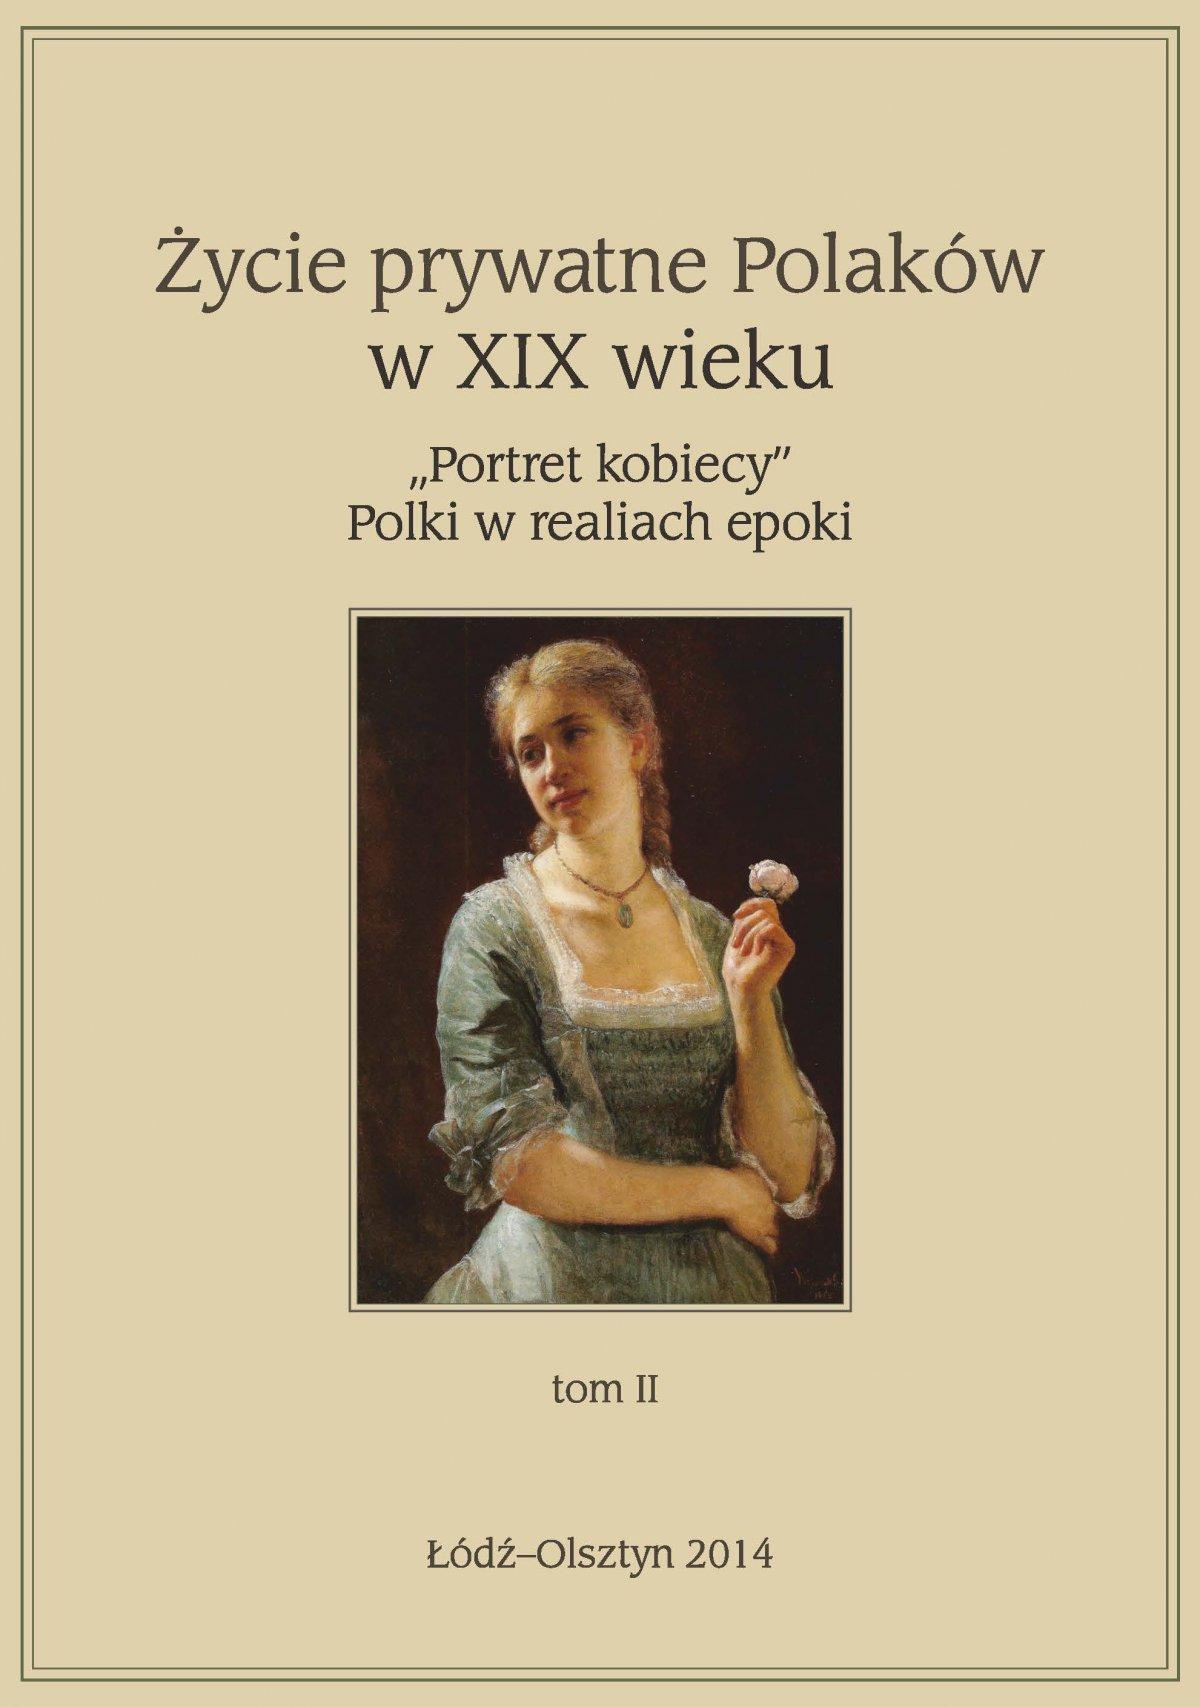 """Życie prywatne Polaków w XIX w. """"Portret kobiecy"""" Polki w realiach epoki. Tom 2 - Ebook (Książka PDF) do pobrania w formacie PDF"""